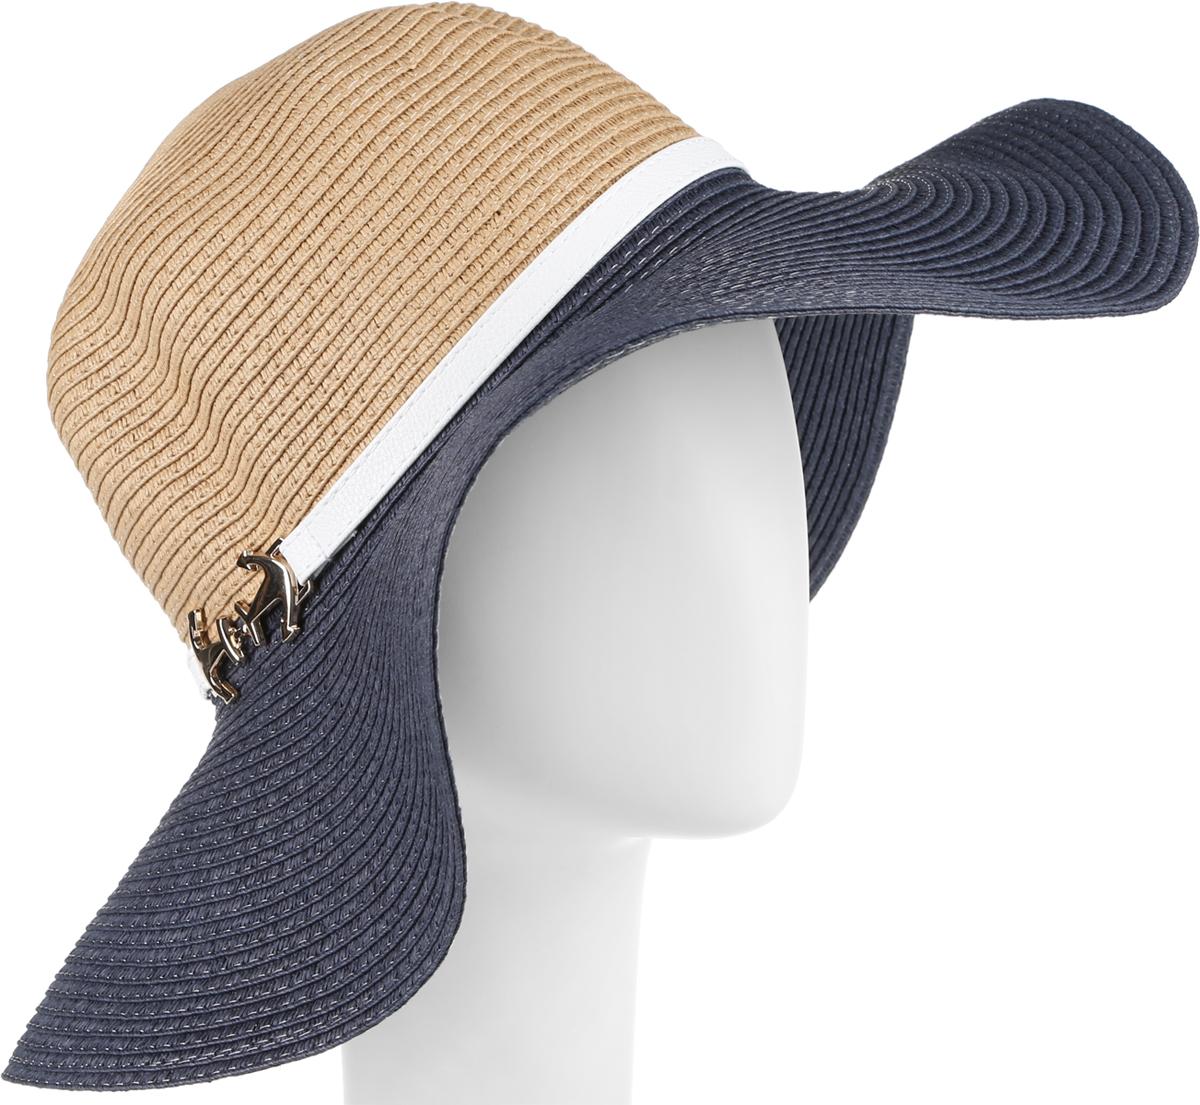 Шляпа женская Fabretti, цвет: бежевый, голубой. GL34-3/5. Размер универсальныйGL34-3/5 BEIGE/BLUEСтильная шляпа от Fabretti для пляжного отдыха и прогулок в солнечные дни.